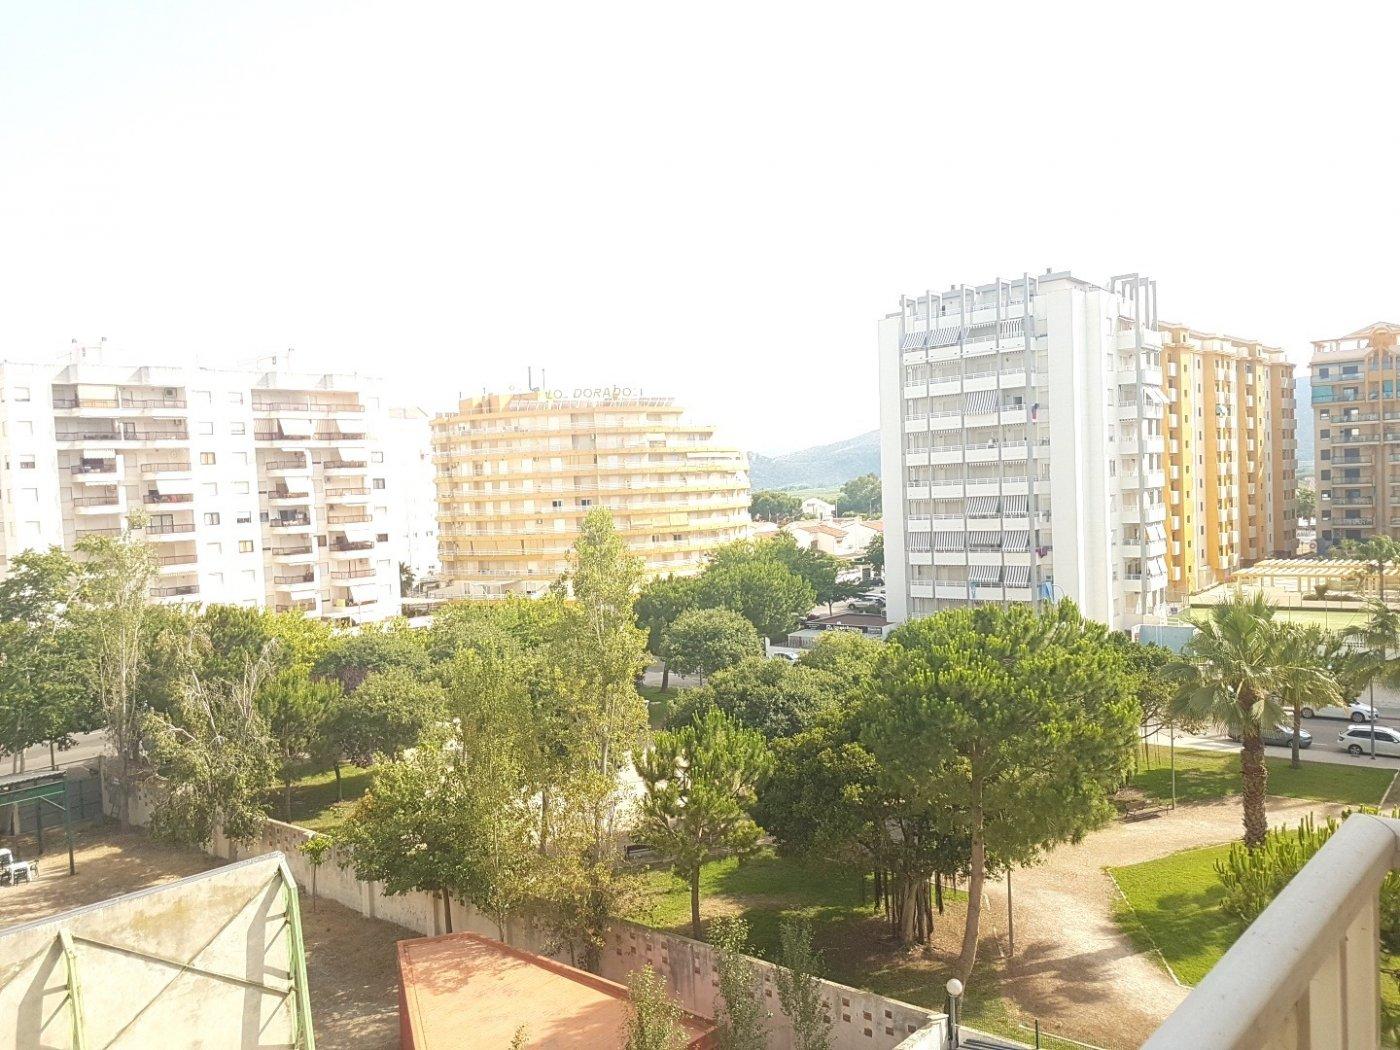 Apartamento en residencial tranquilo con parques, jardines, piscina comunitaria. - imagenInmueble11